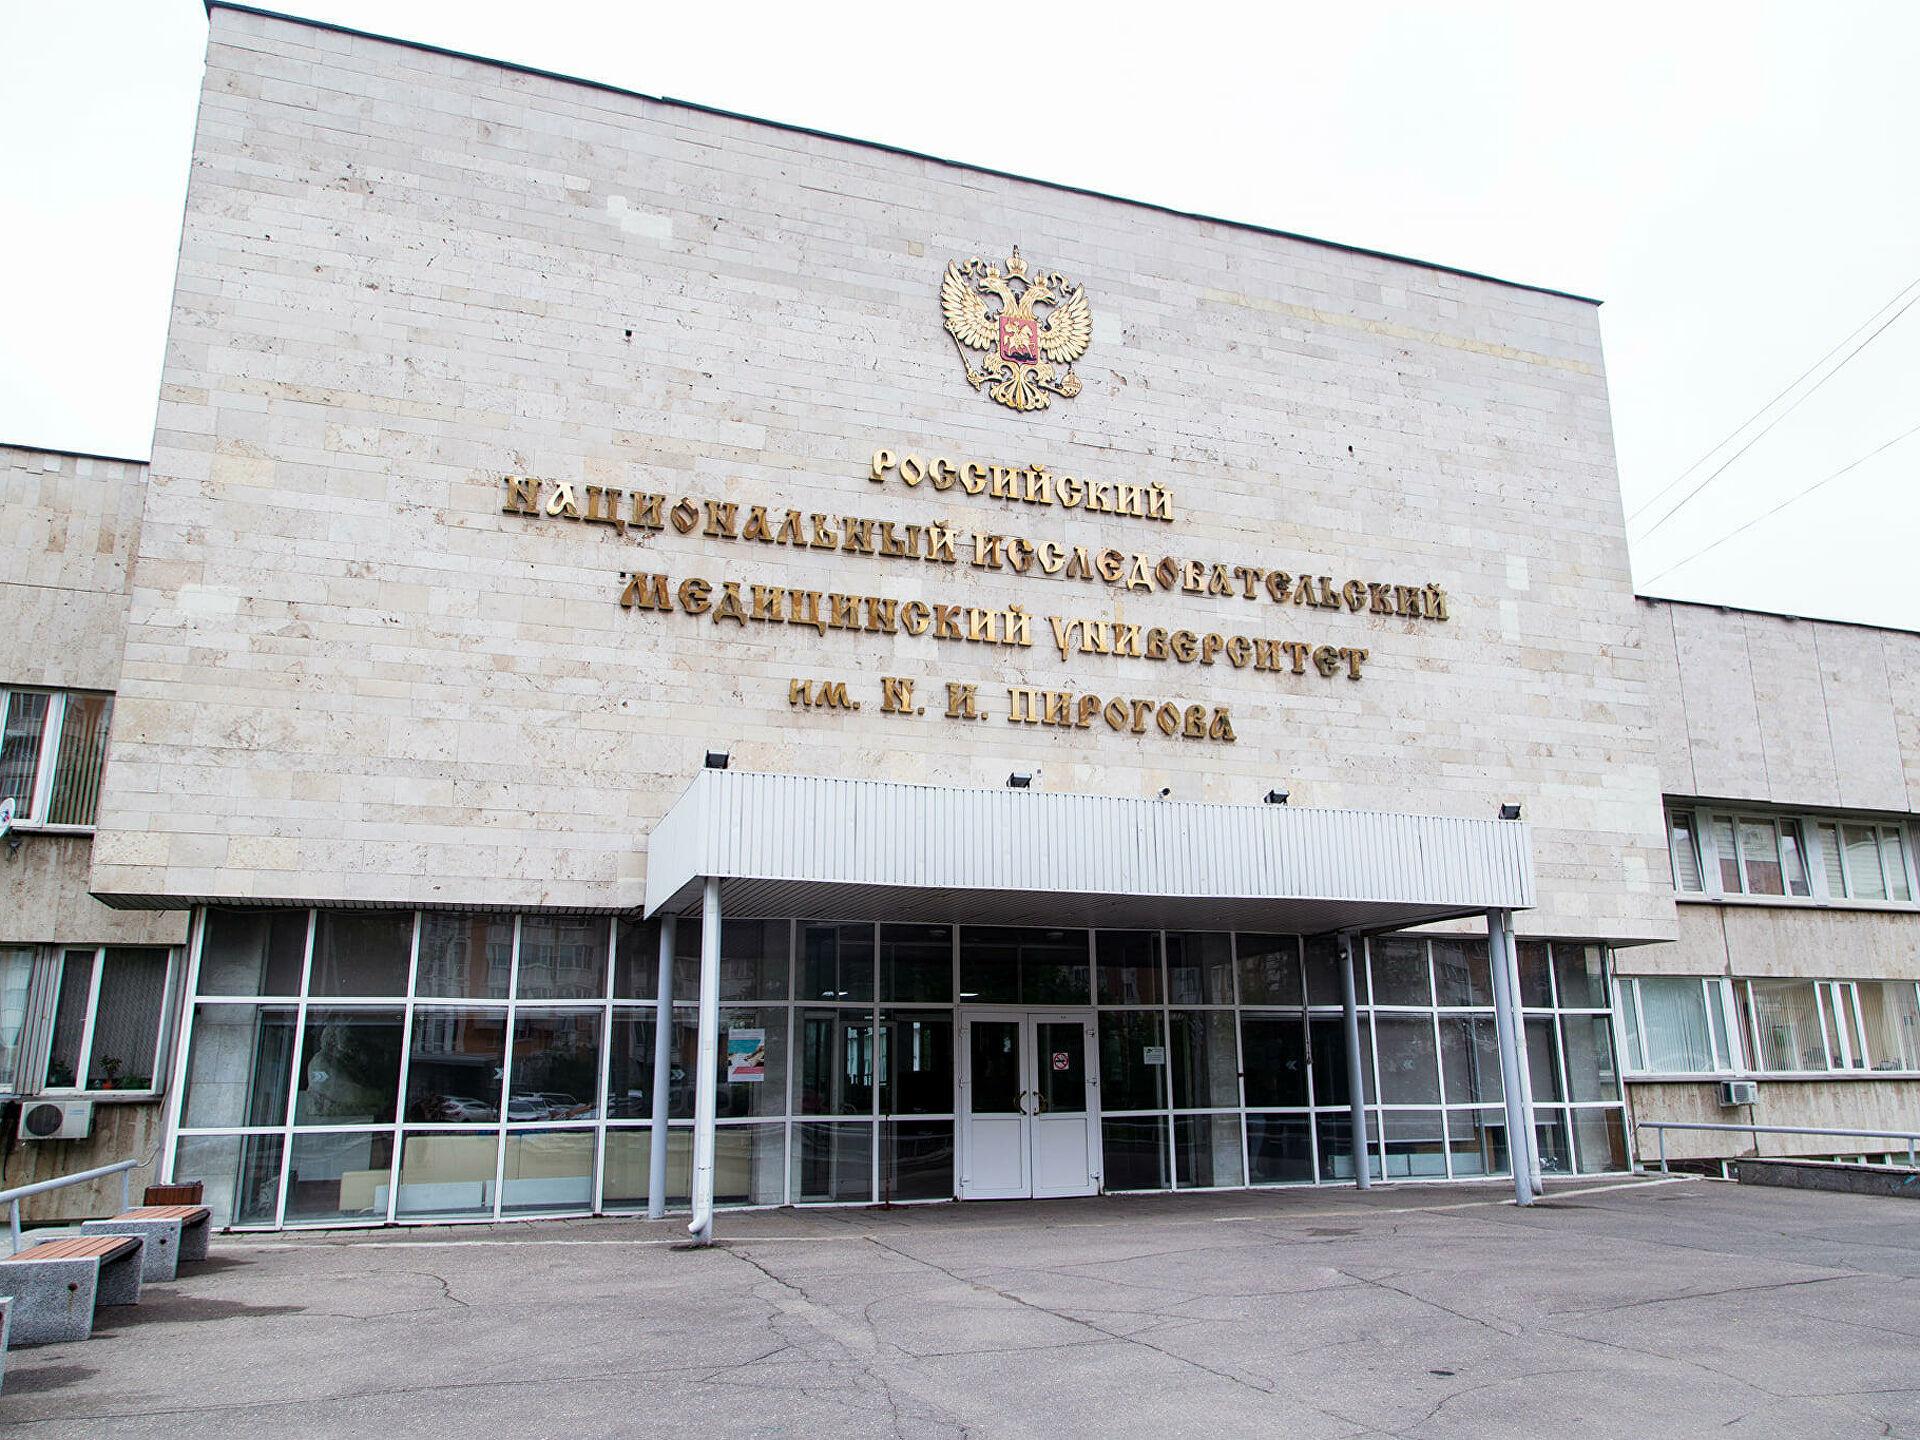 Российский национальный исследовательский медицинский университет имени Н. И. Пирогова